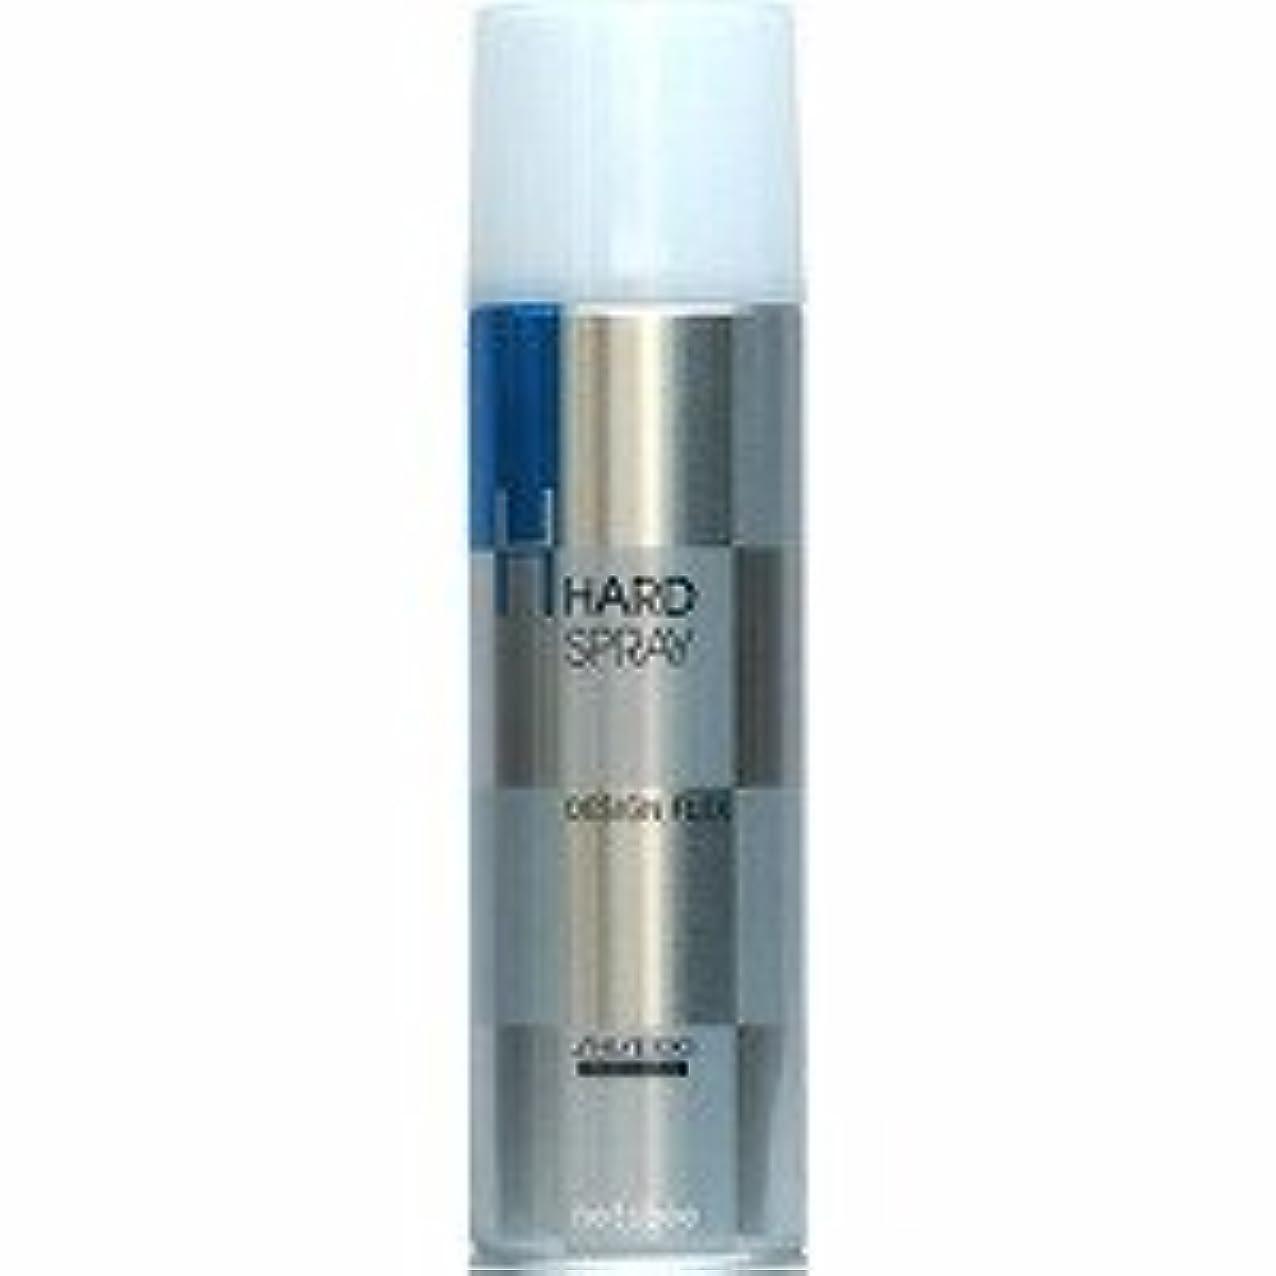 証書ファブリックメカニック【X3個セット】 資生堂プロフェッショナル デザインフレックス ハードスプレー 260g shiseido PROFESSIONAL